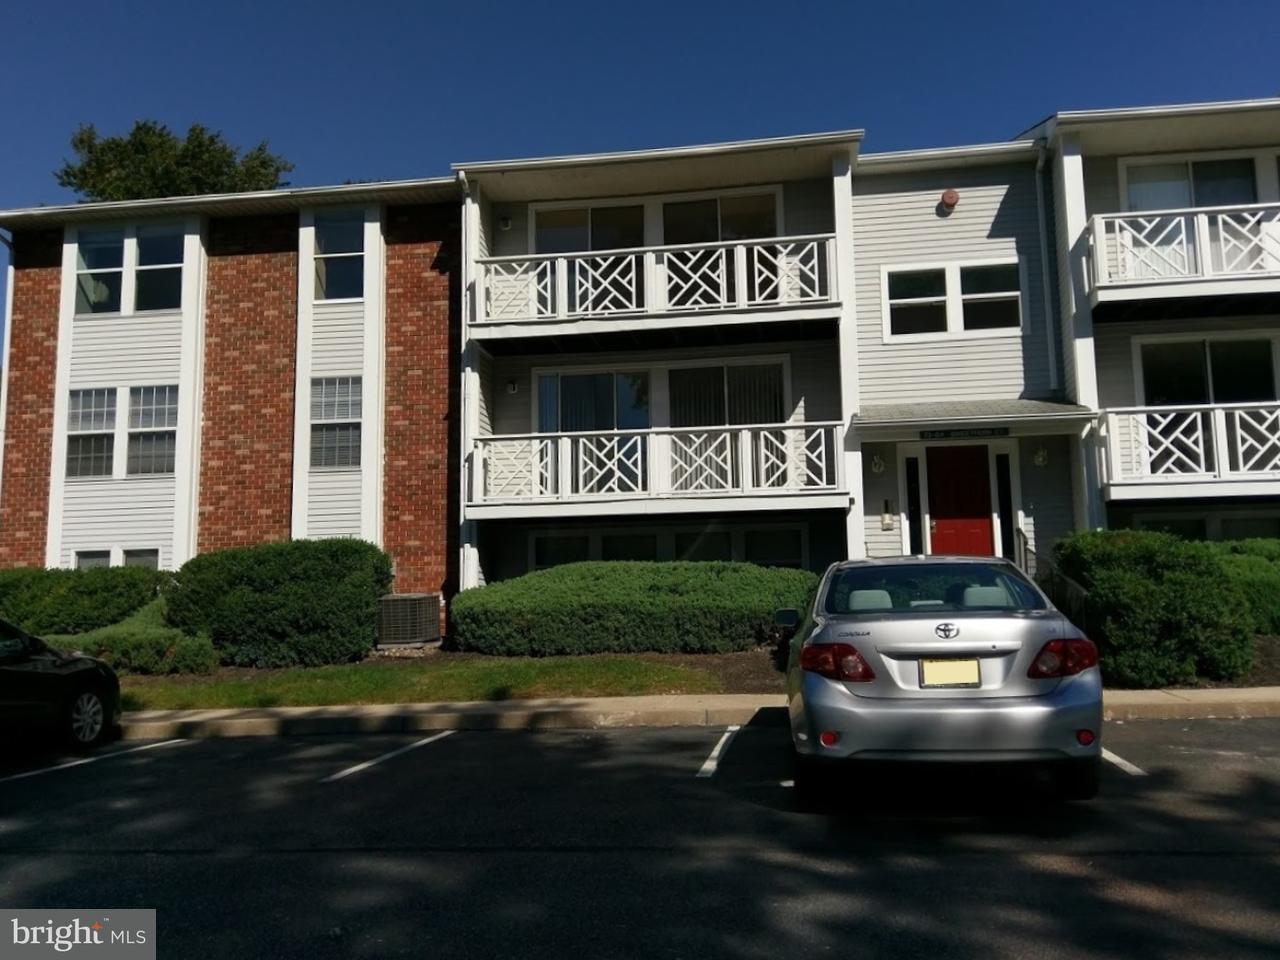 共管式独立产权公寓 为 出租 在 77 SWEETFERN Court Evesham Twp, 新泽西州 08053 美国